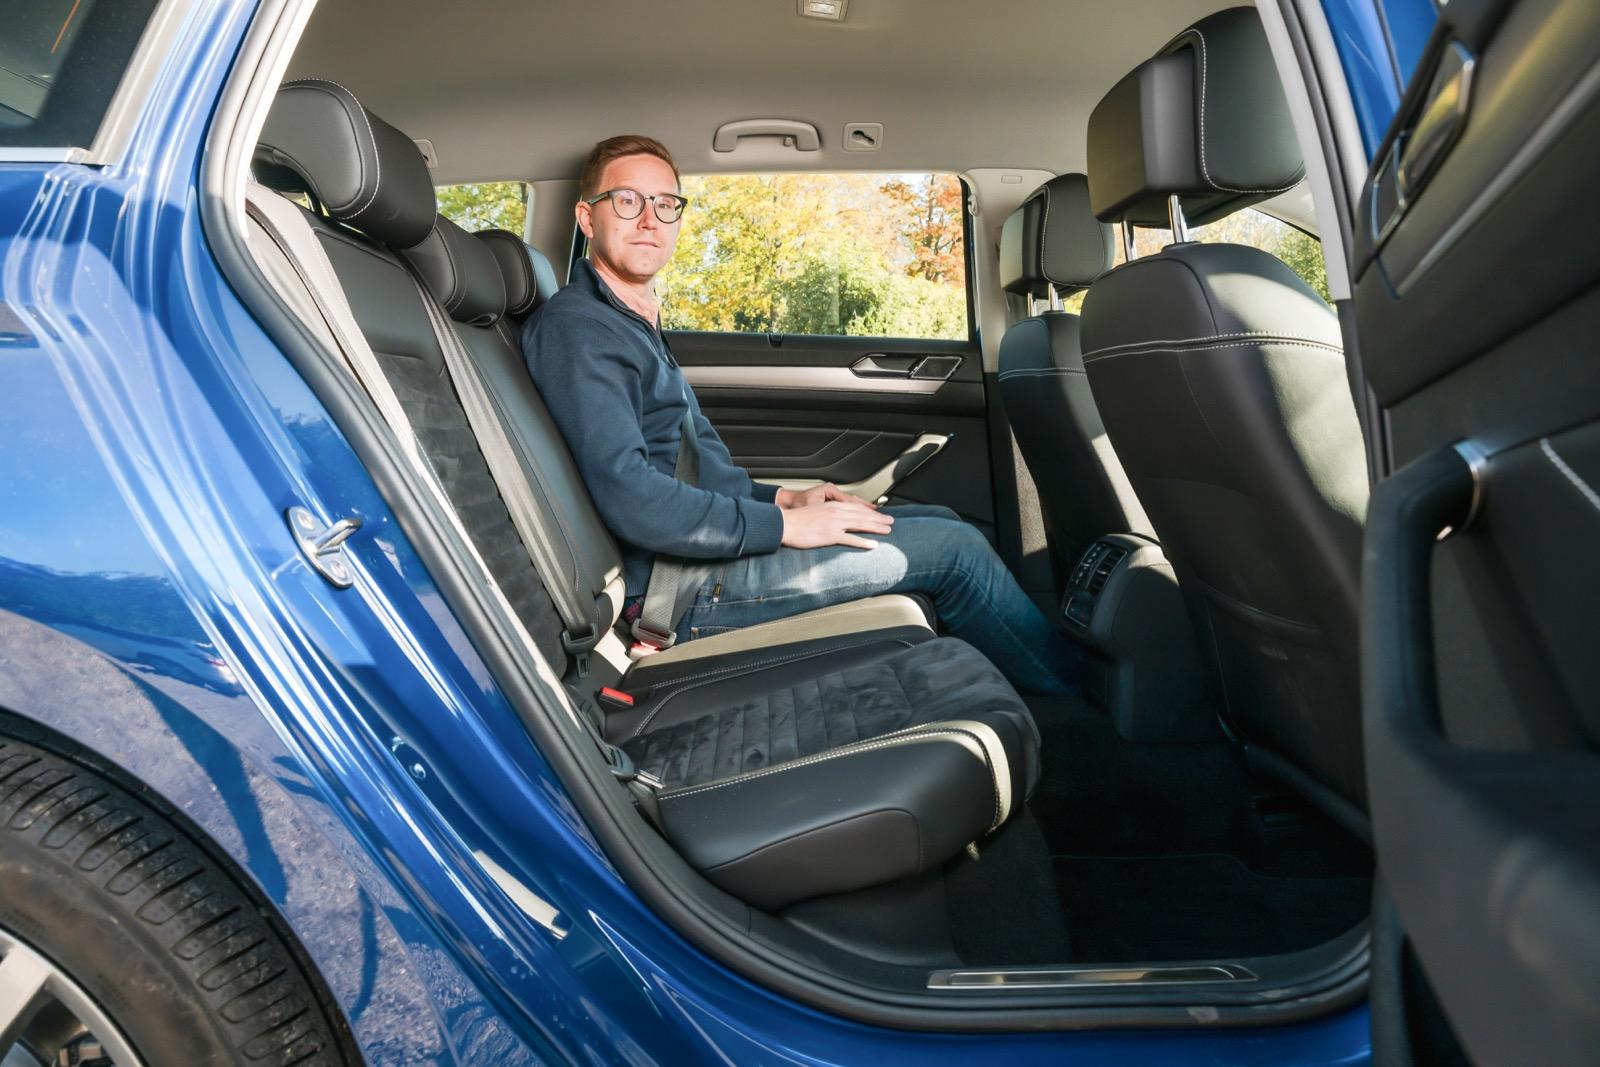 VW erbjuder det bästa baksätet. Hög, skön sitthöjd på dynan med bra lårstöd. Bäst benutrymme och gott om fotutrymme under framstolarna.